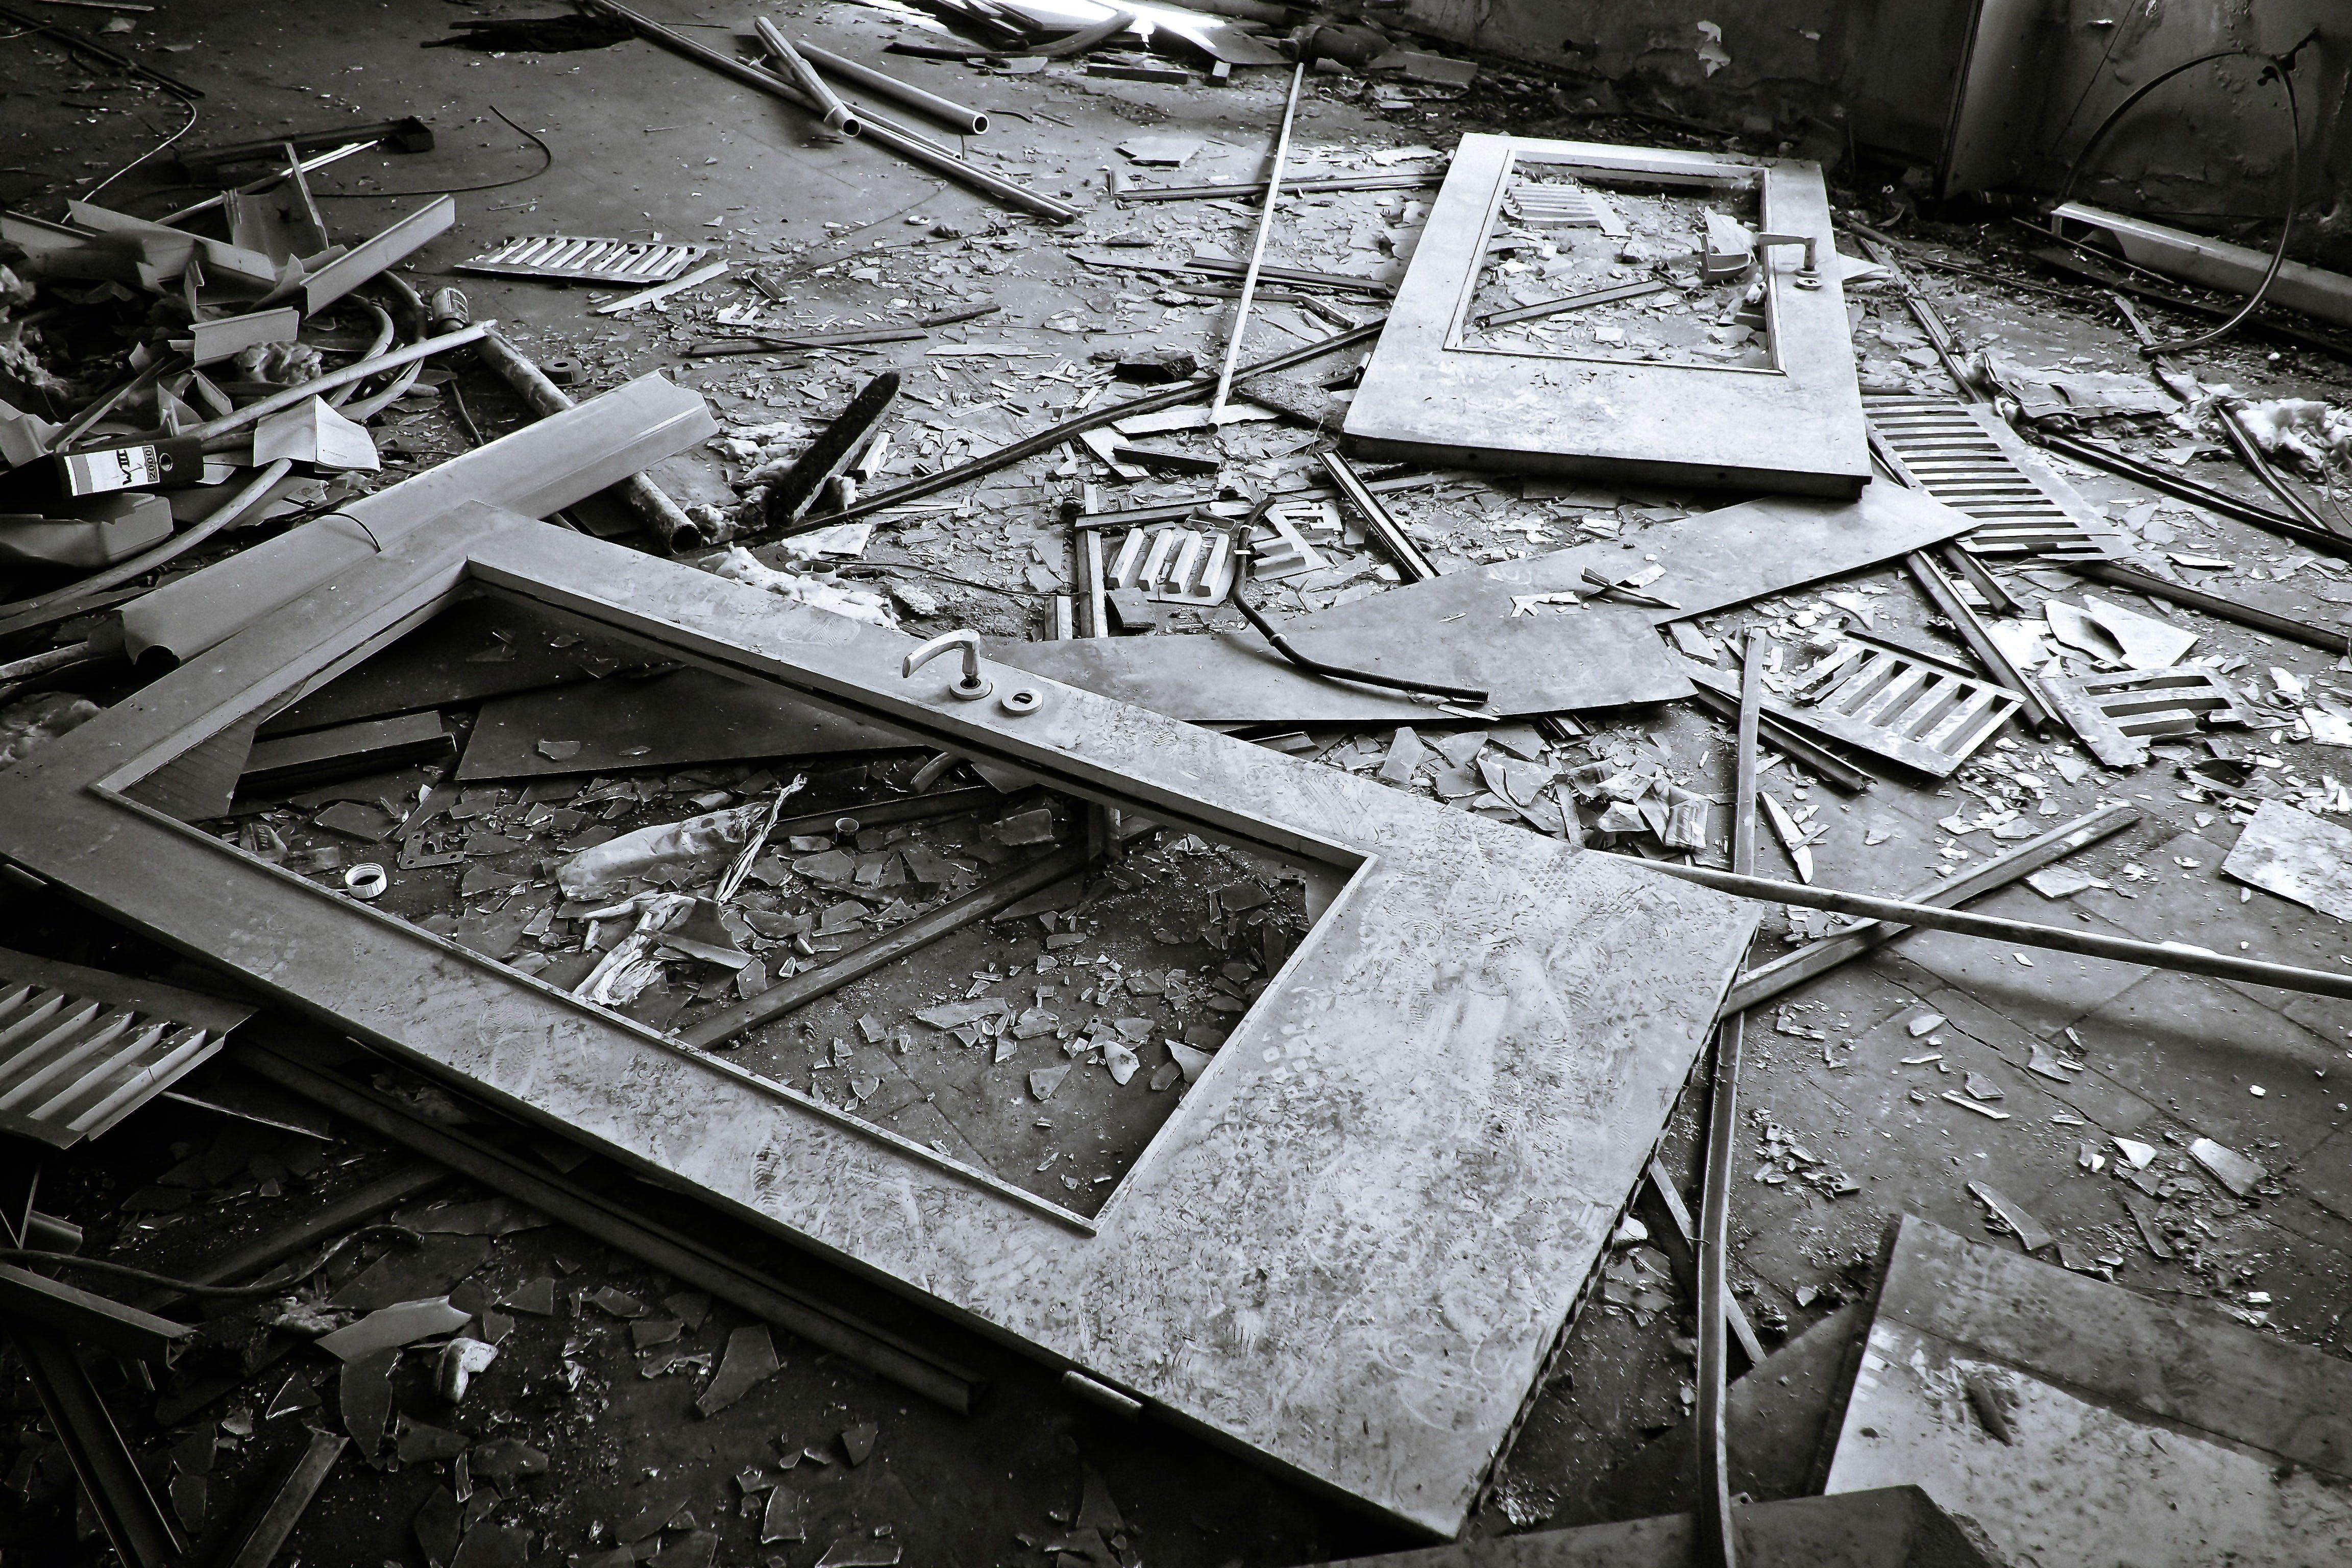 Grayscale Photography of Broken Doors on Floor